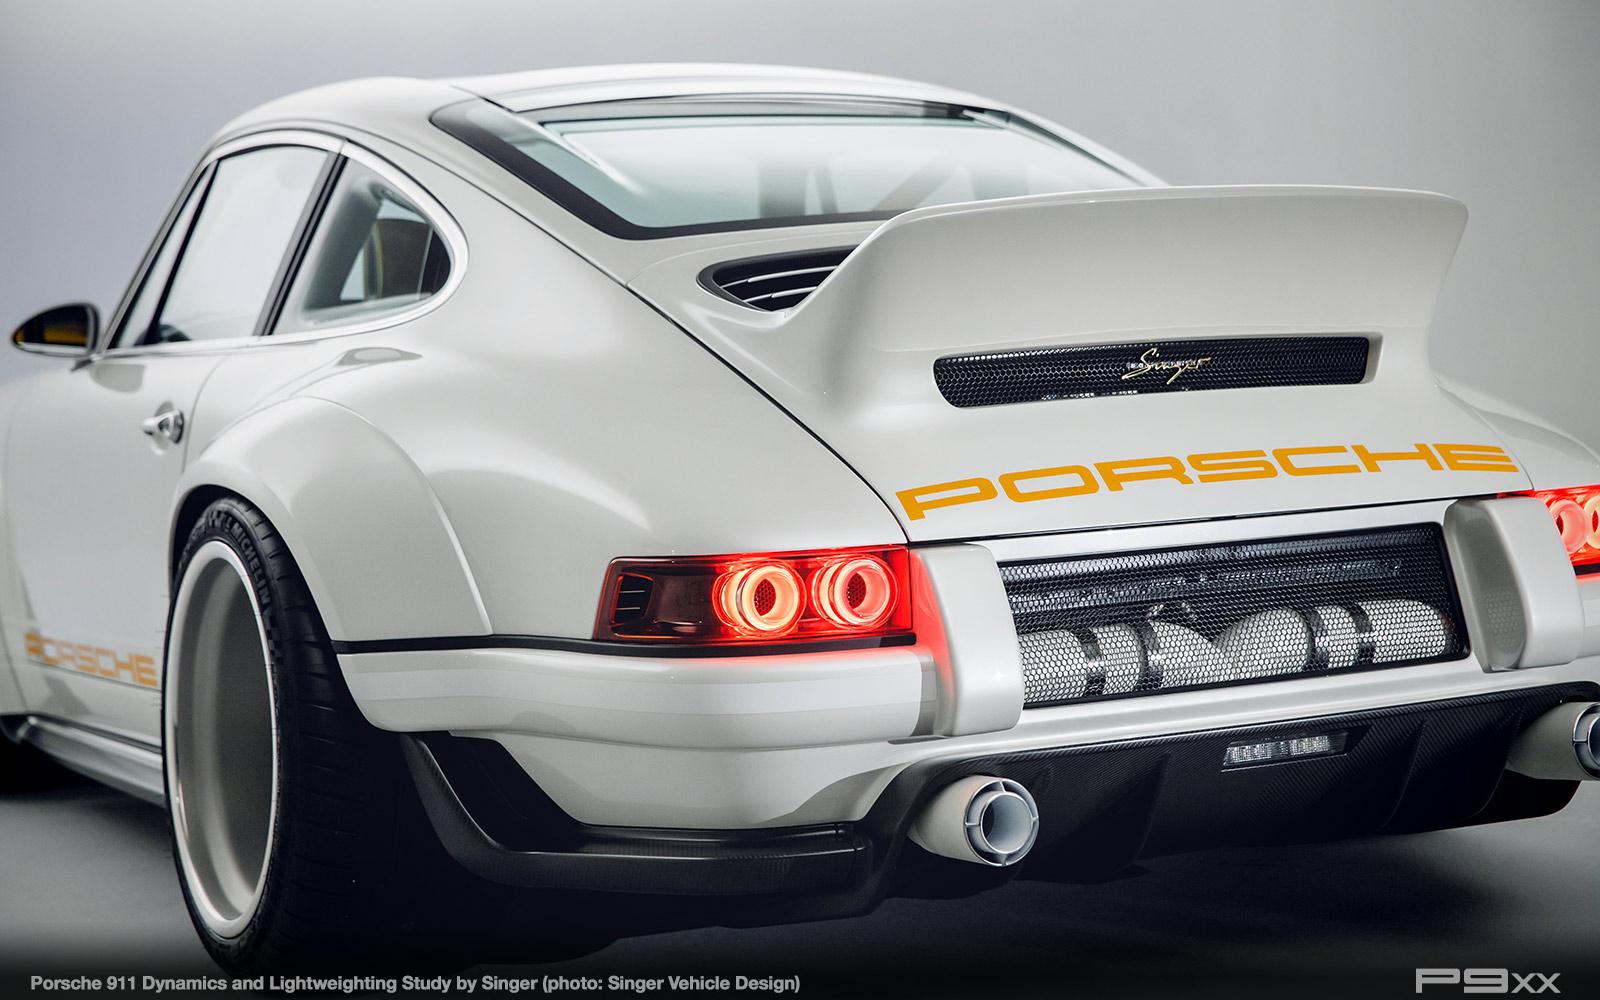 Singer-DLS-Porsche-911-304